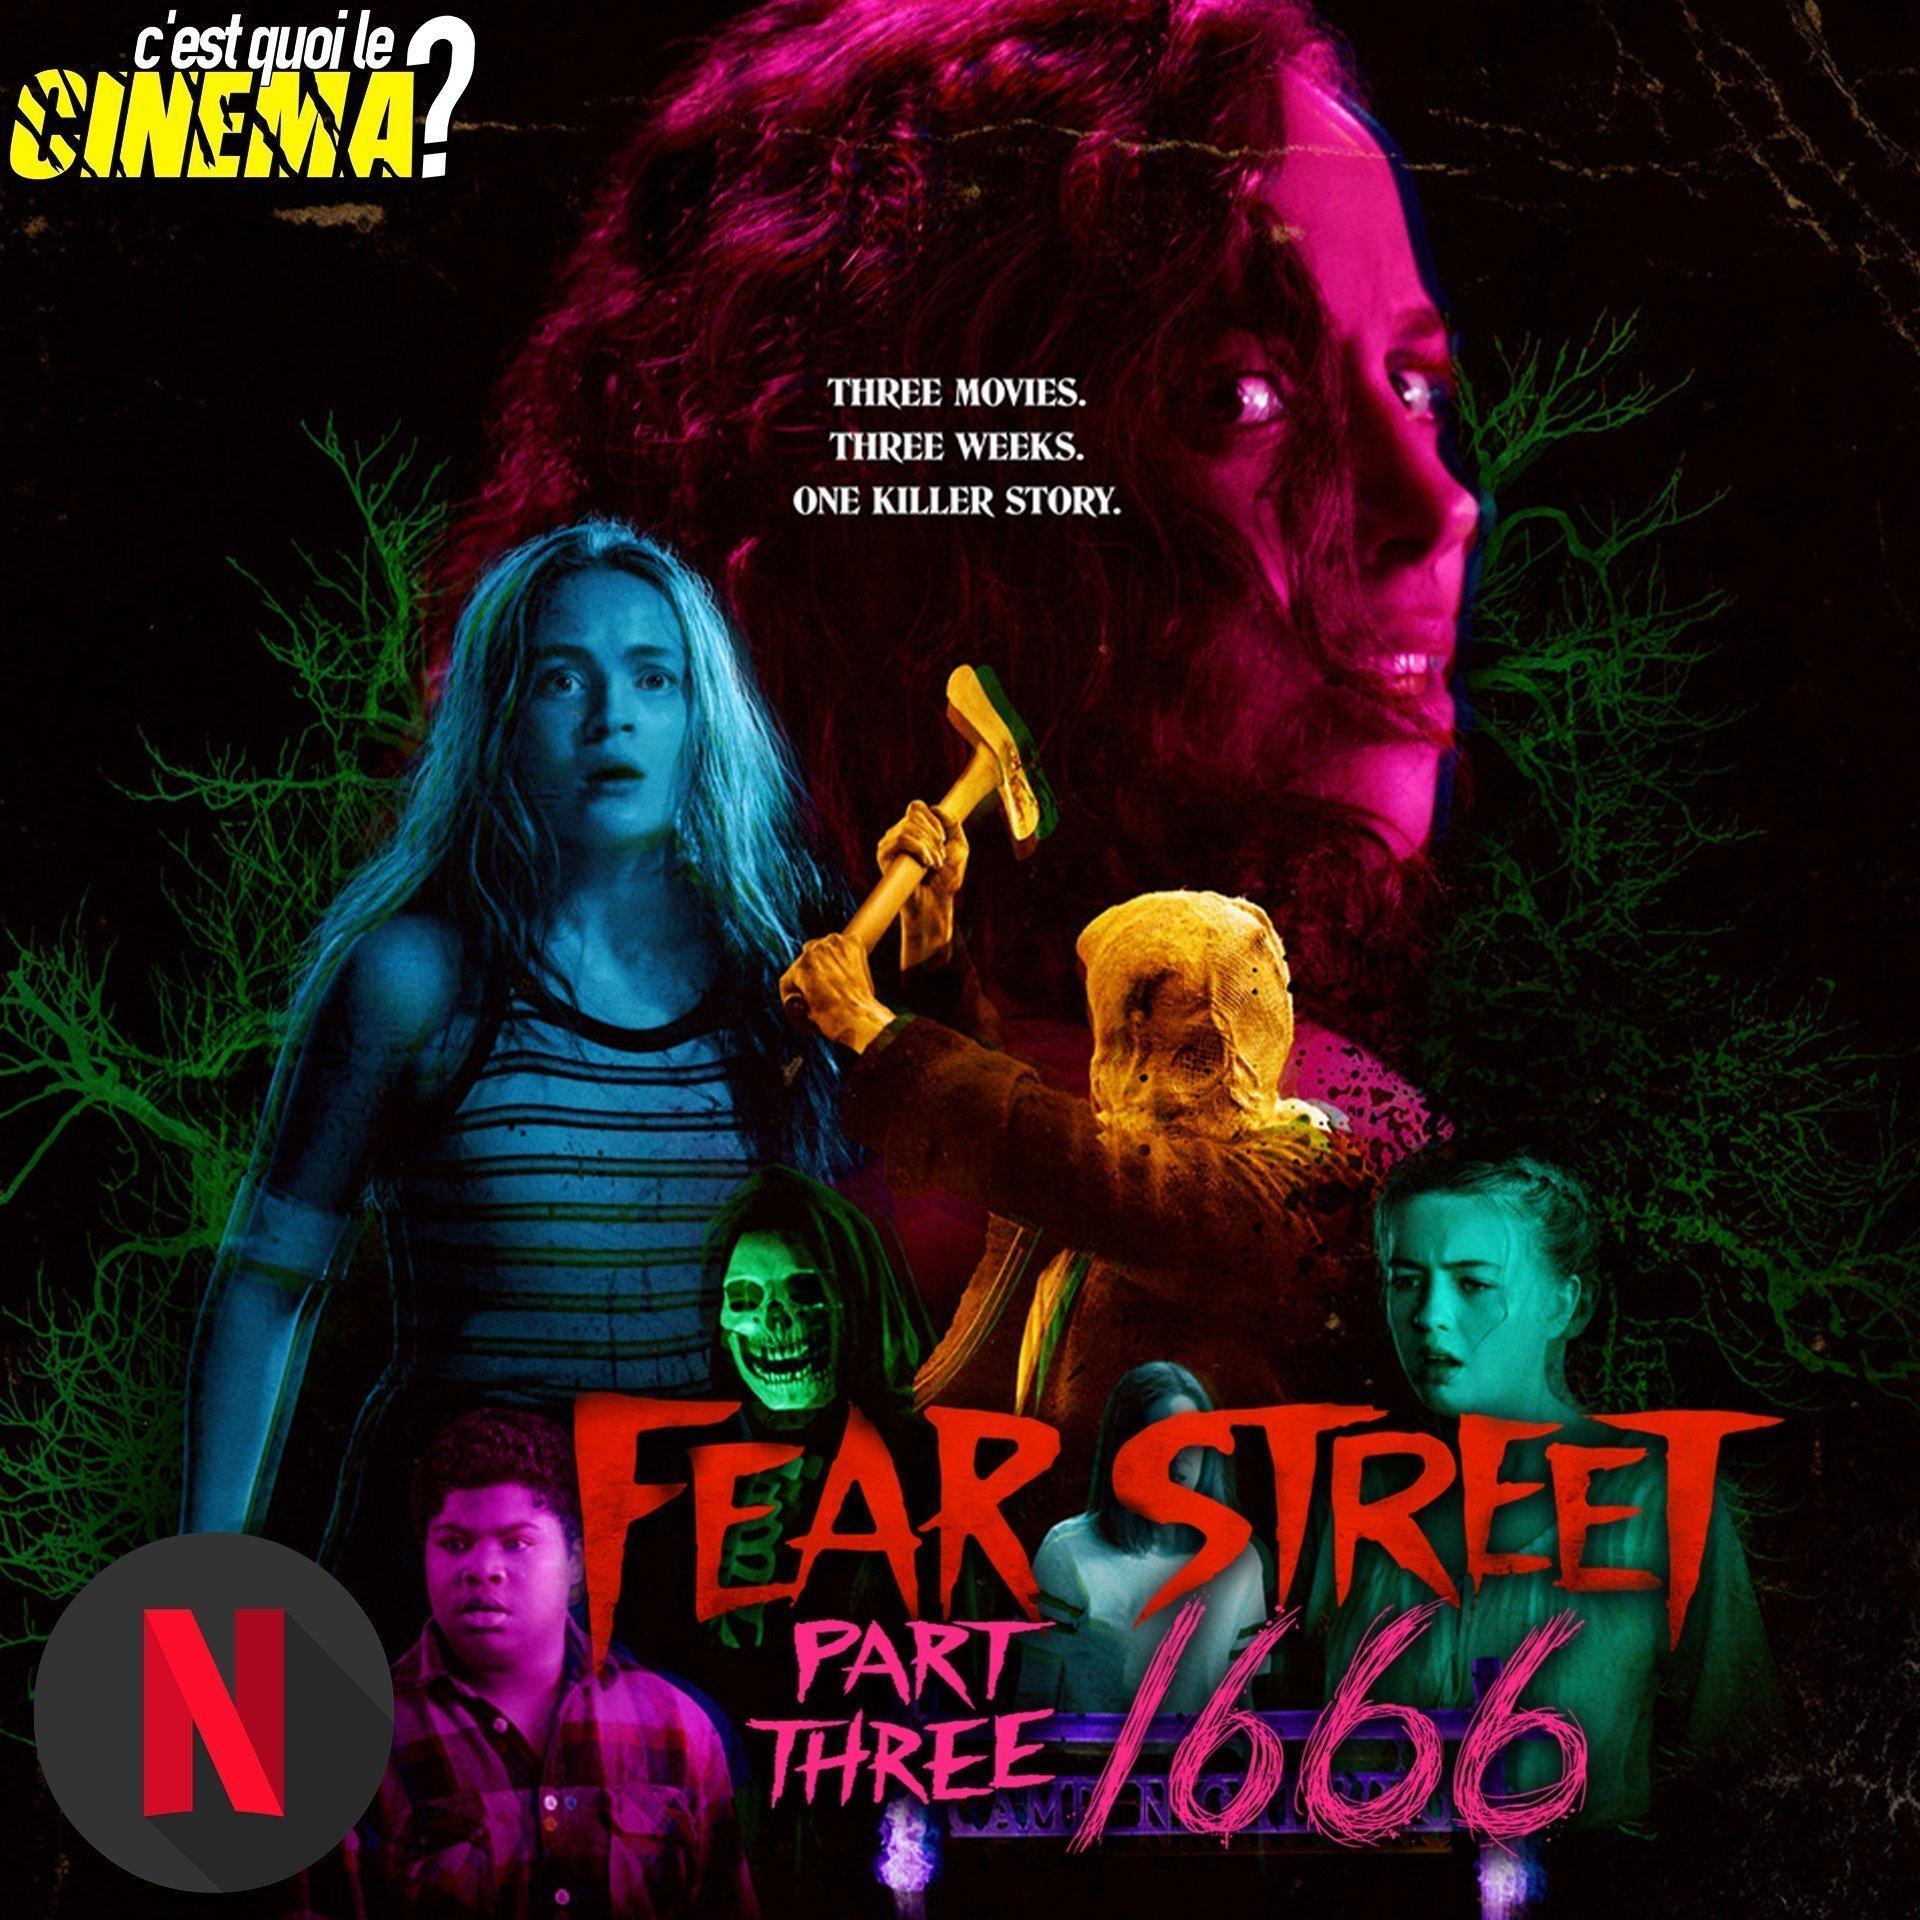 [CRITIQUE] Fear Street – Partie 3 : 1666 – Leigh Janiak trouve son identité dans cette conclusion satisfaisante